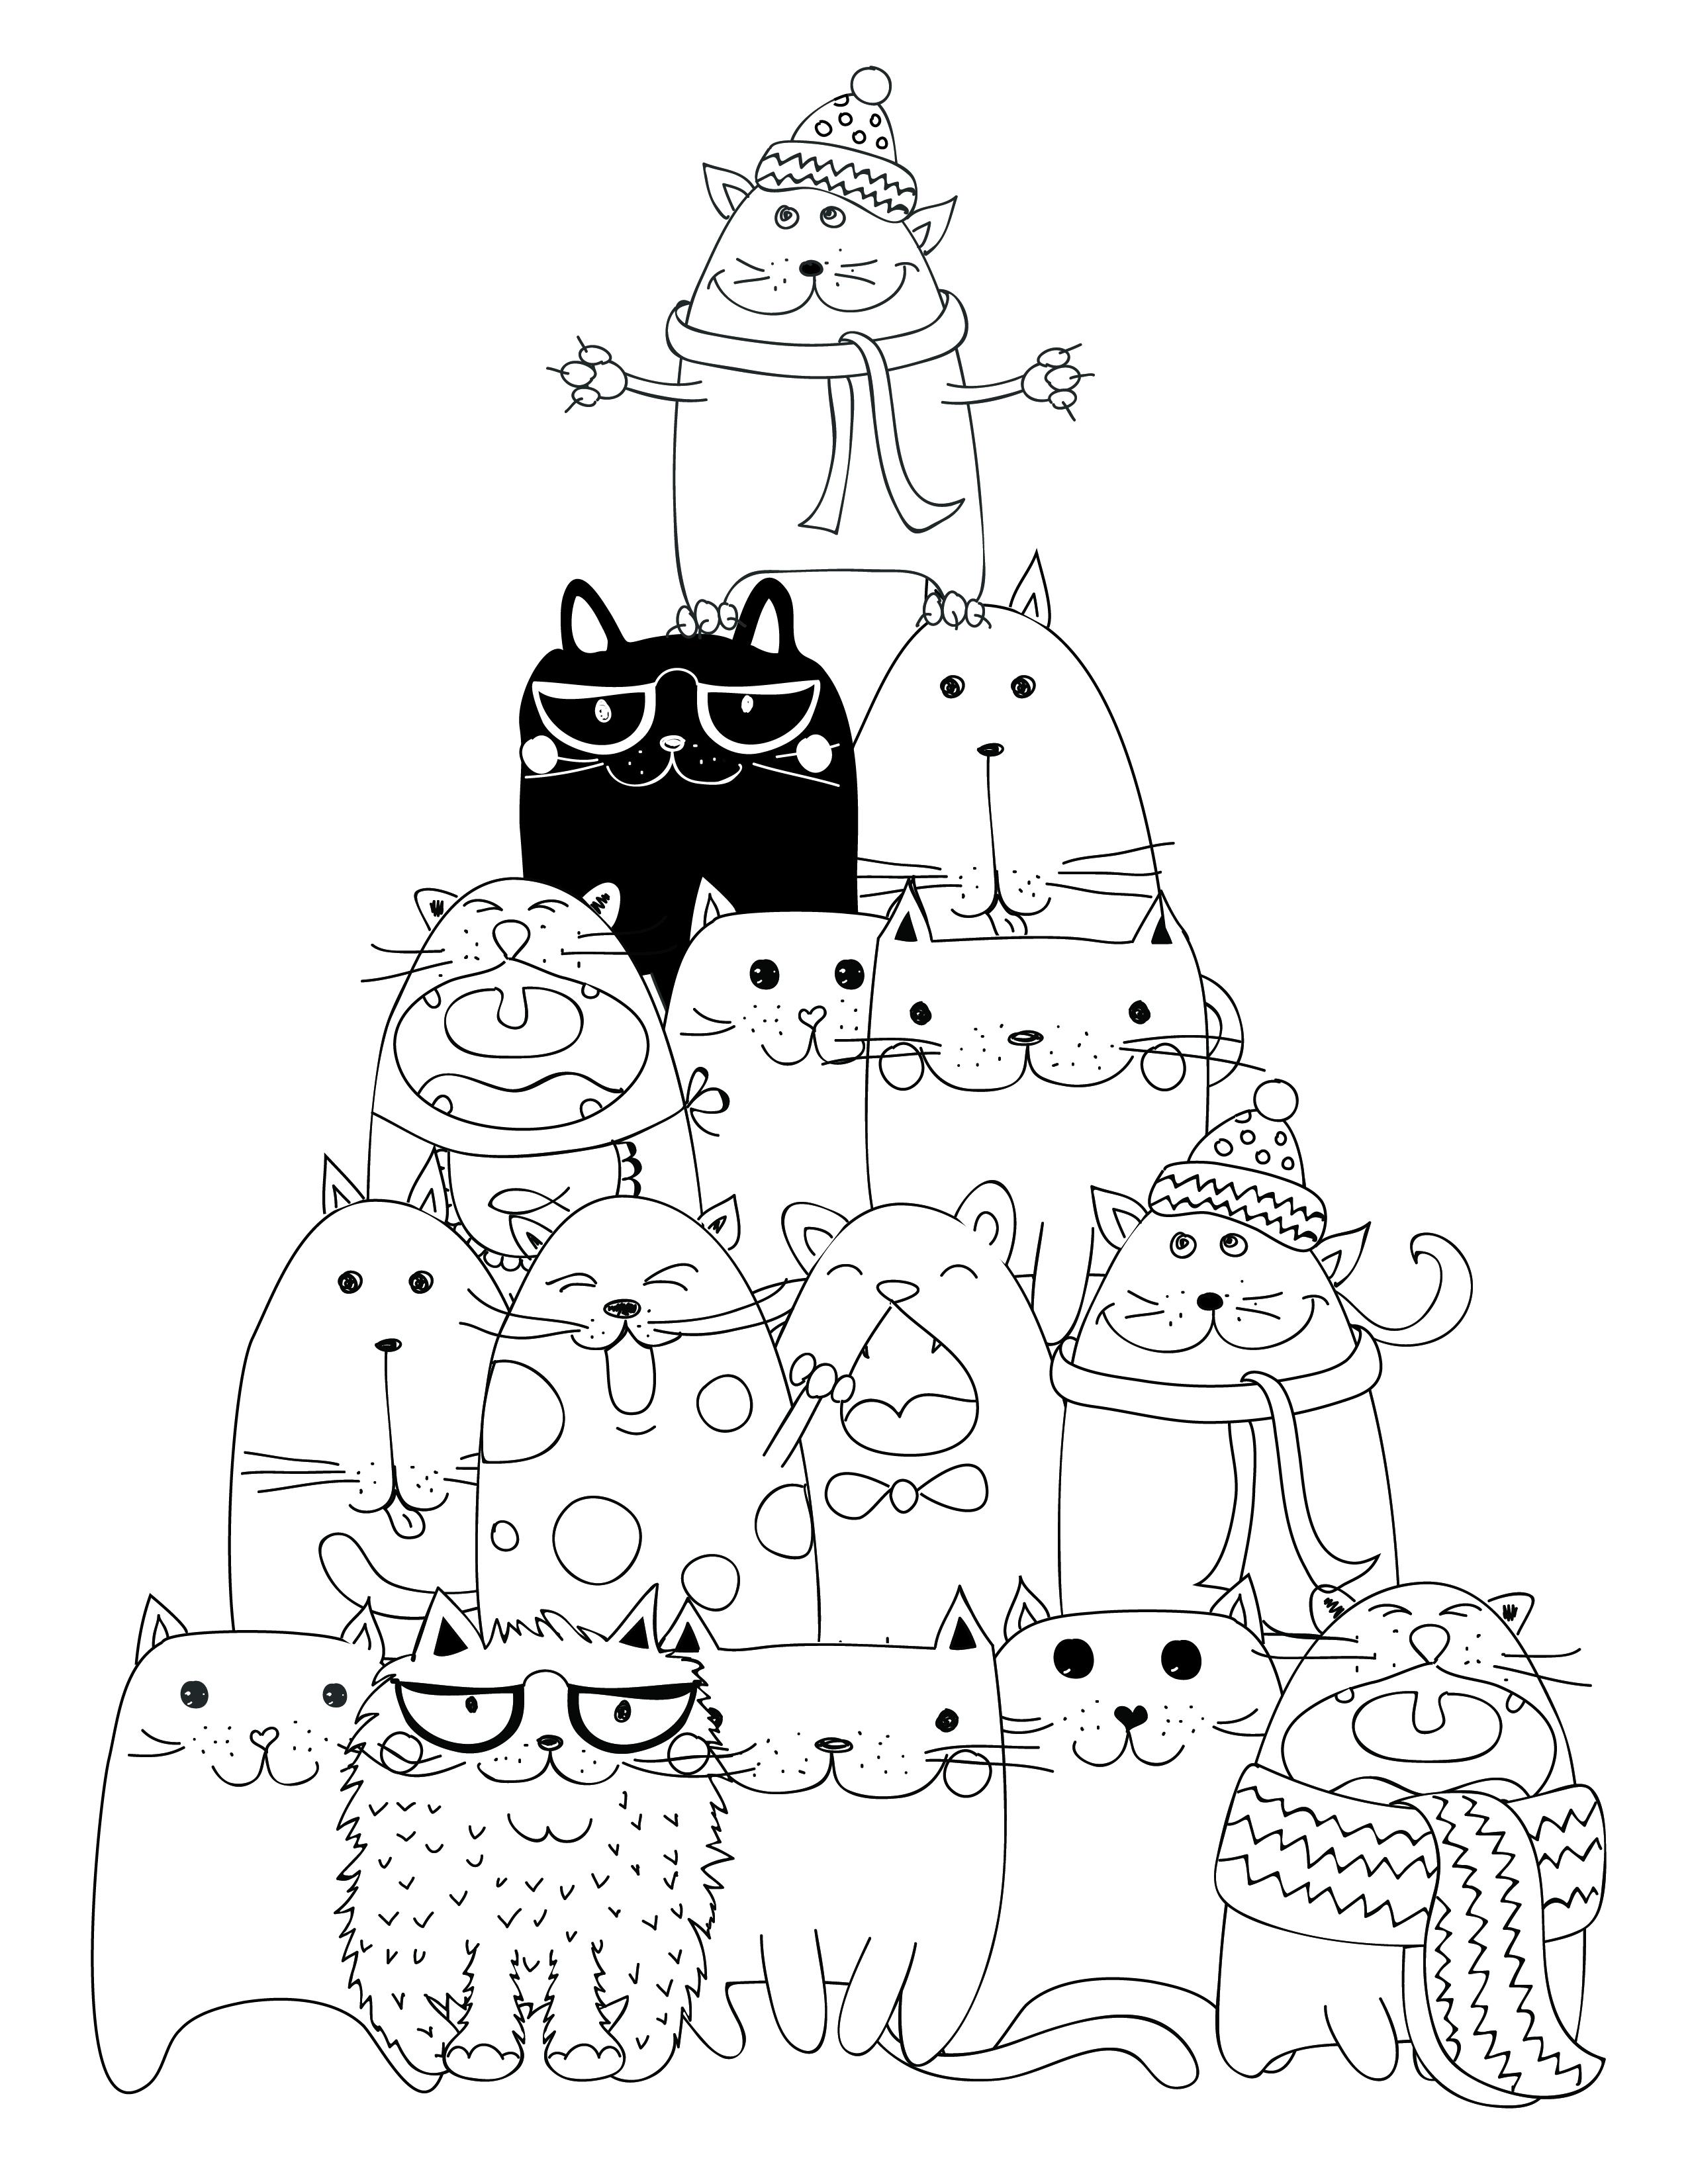 Dessin imprimer pyramide chat coloriage - Coloriage gratuit chat ...